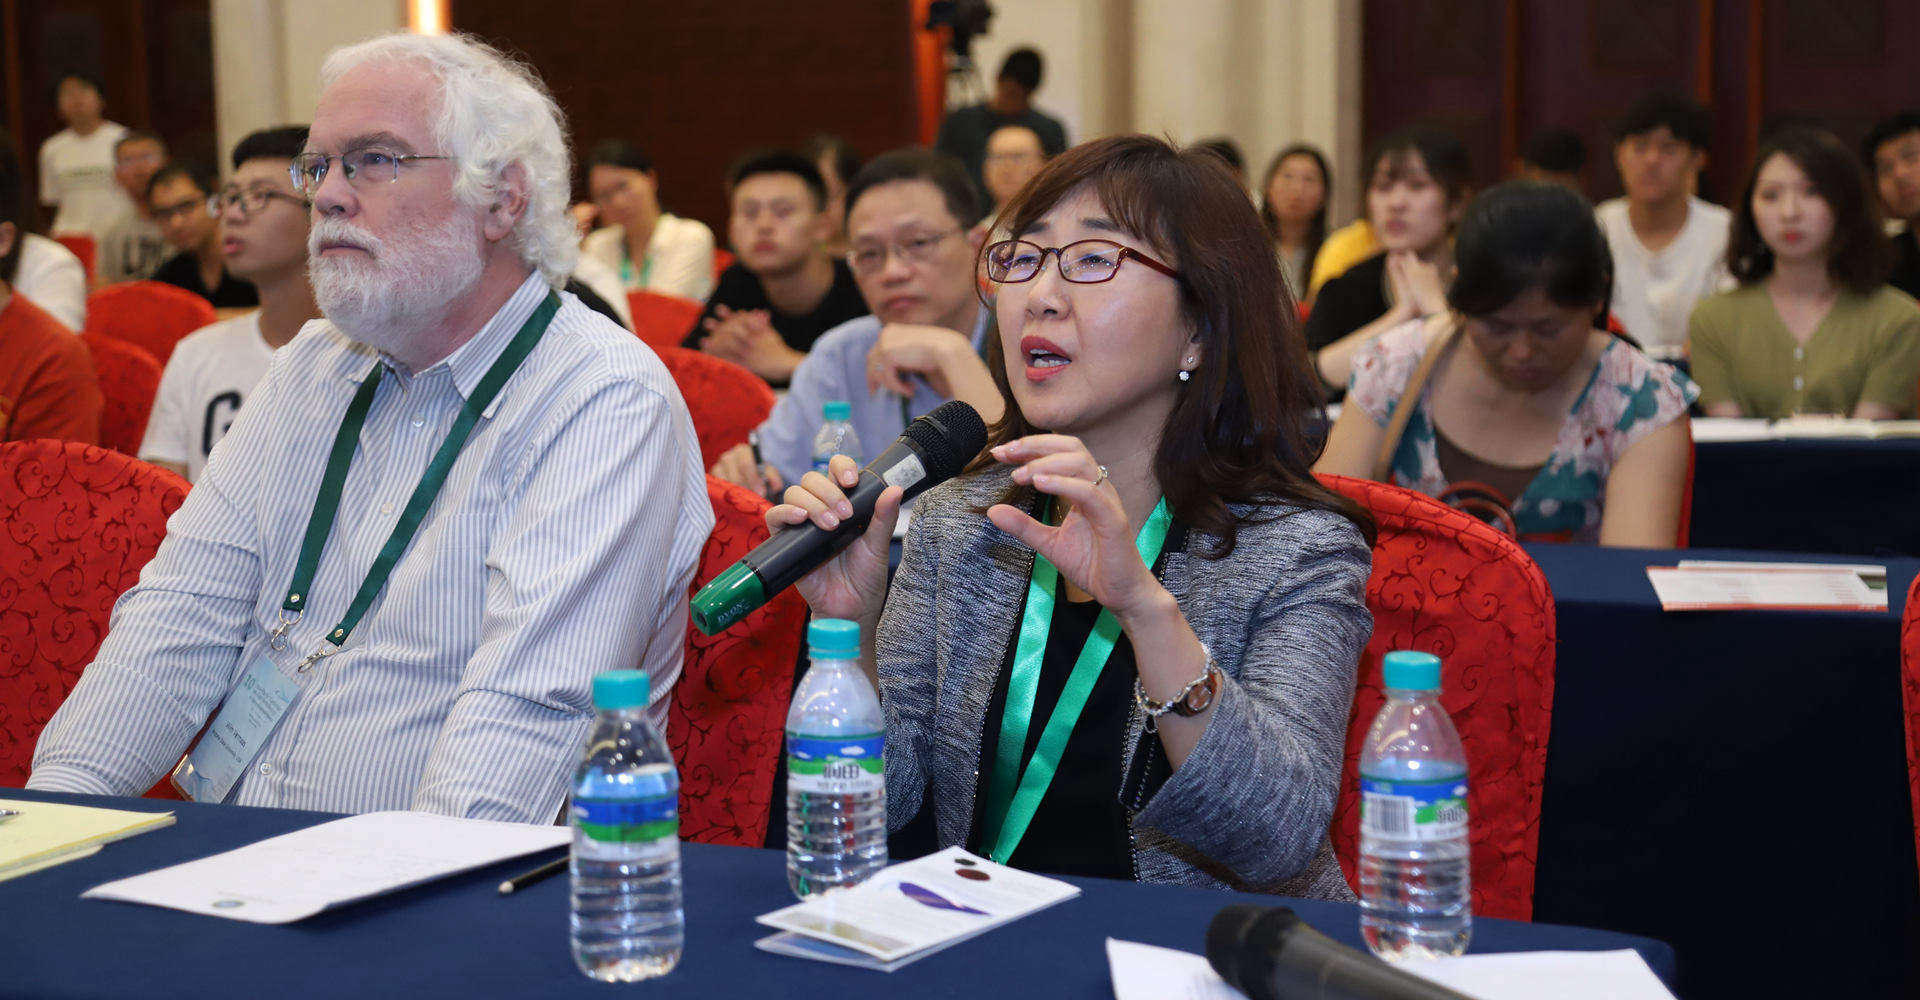 雨生红球藻应用创新国际学术论坛现场专家提问